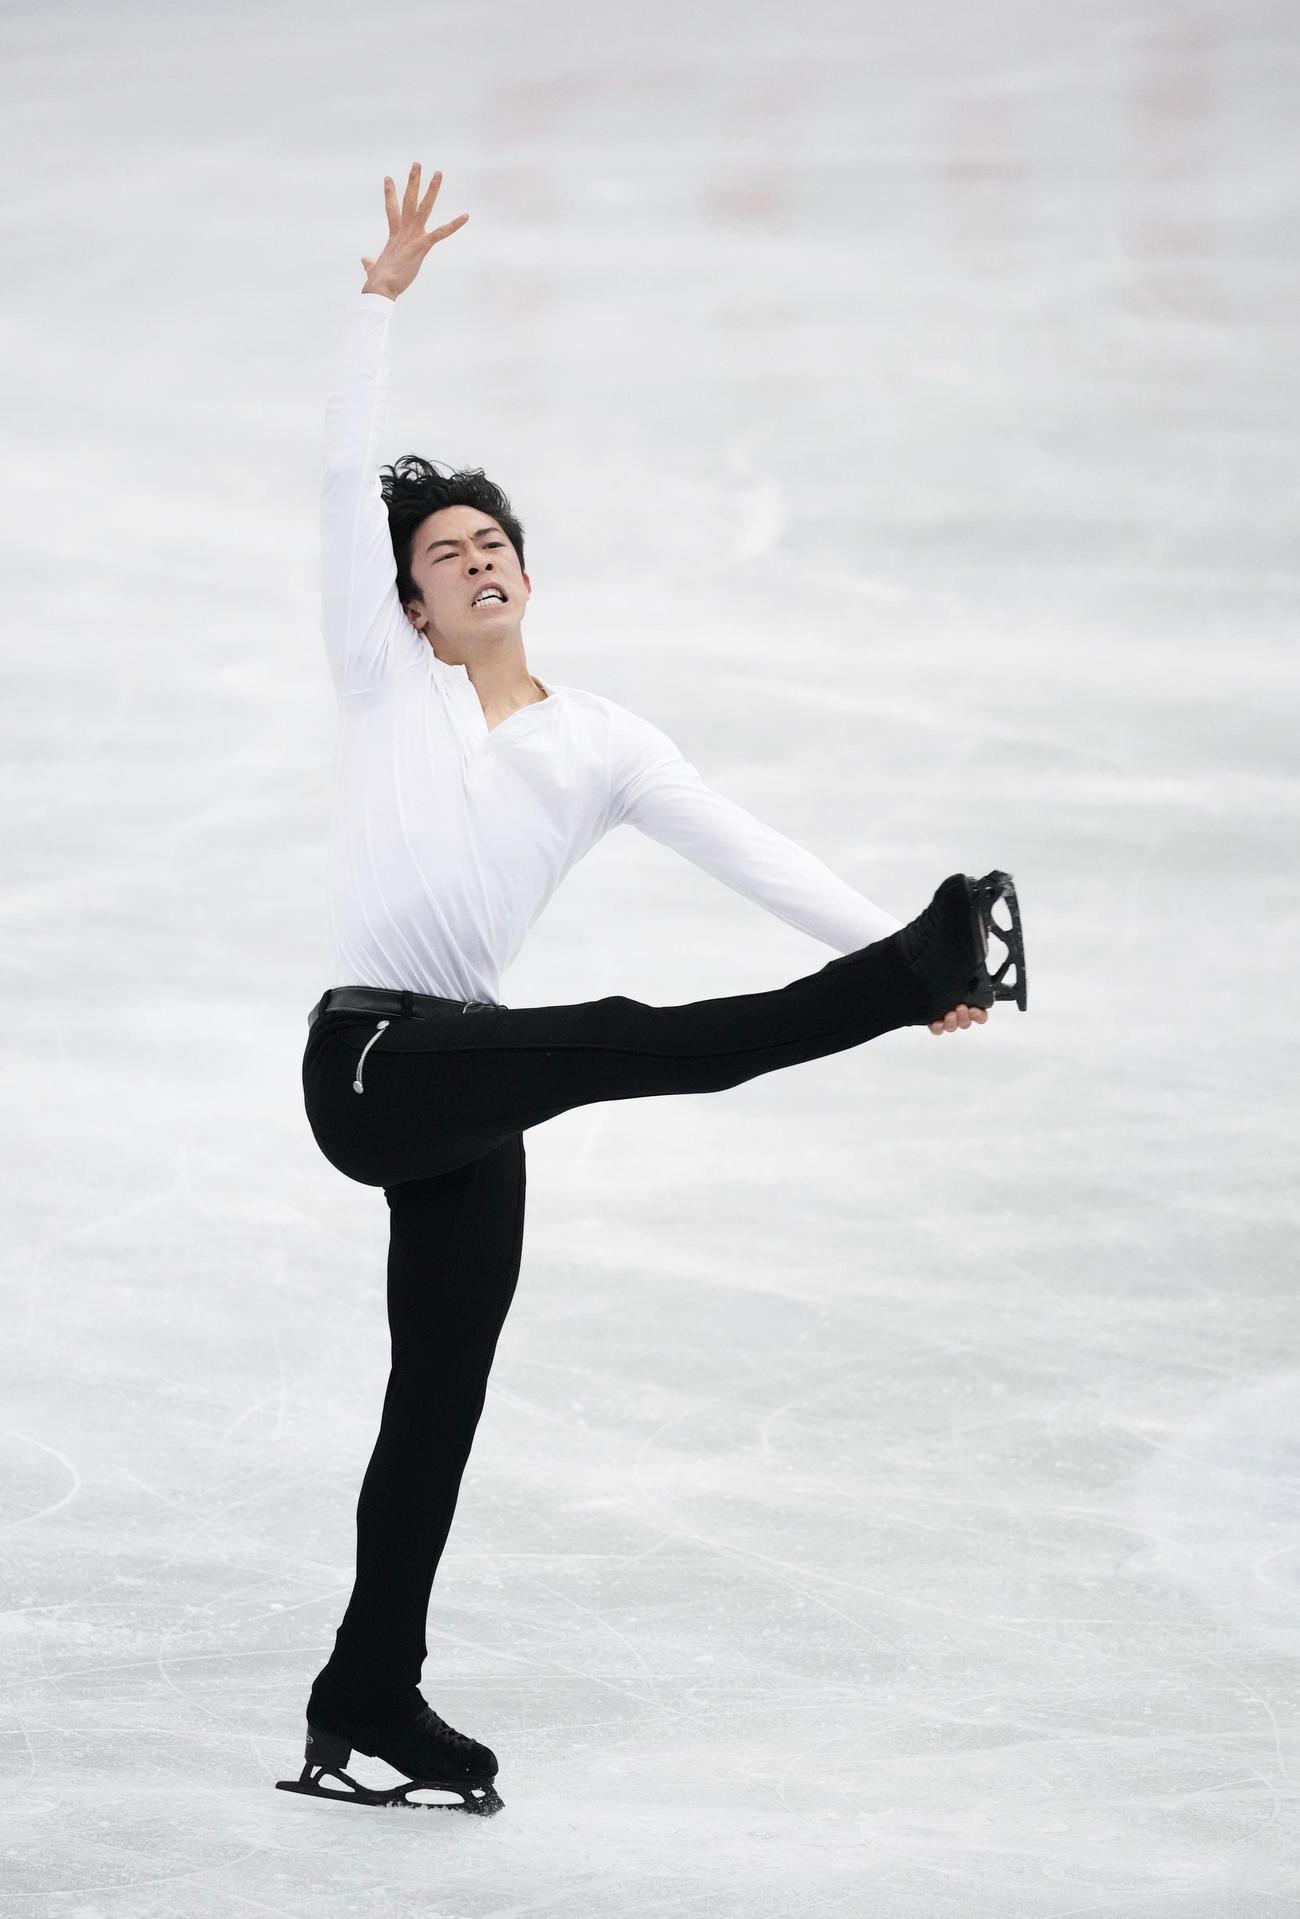 男子SPで演技するネーサン・チェン(代表撮影)